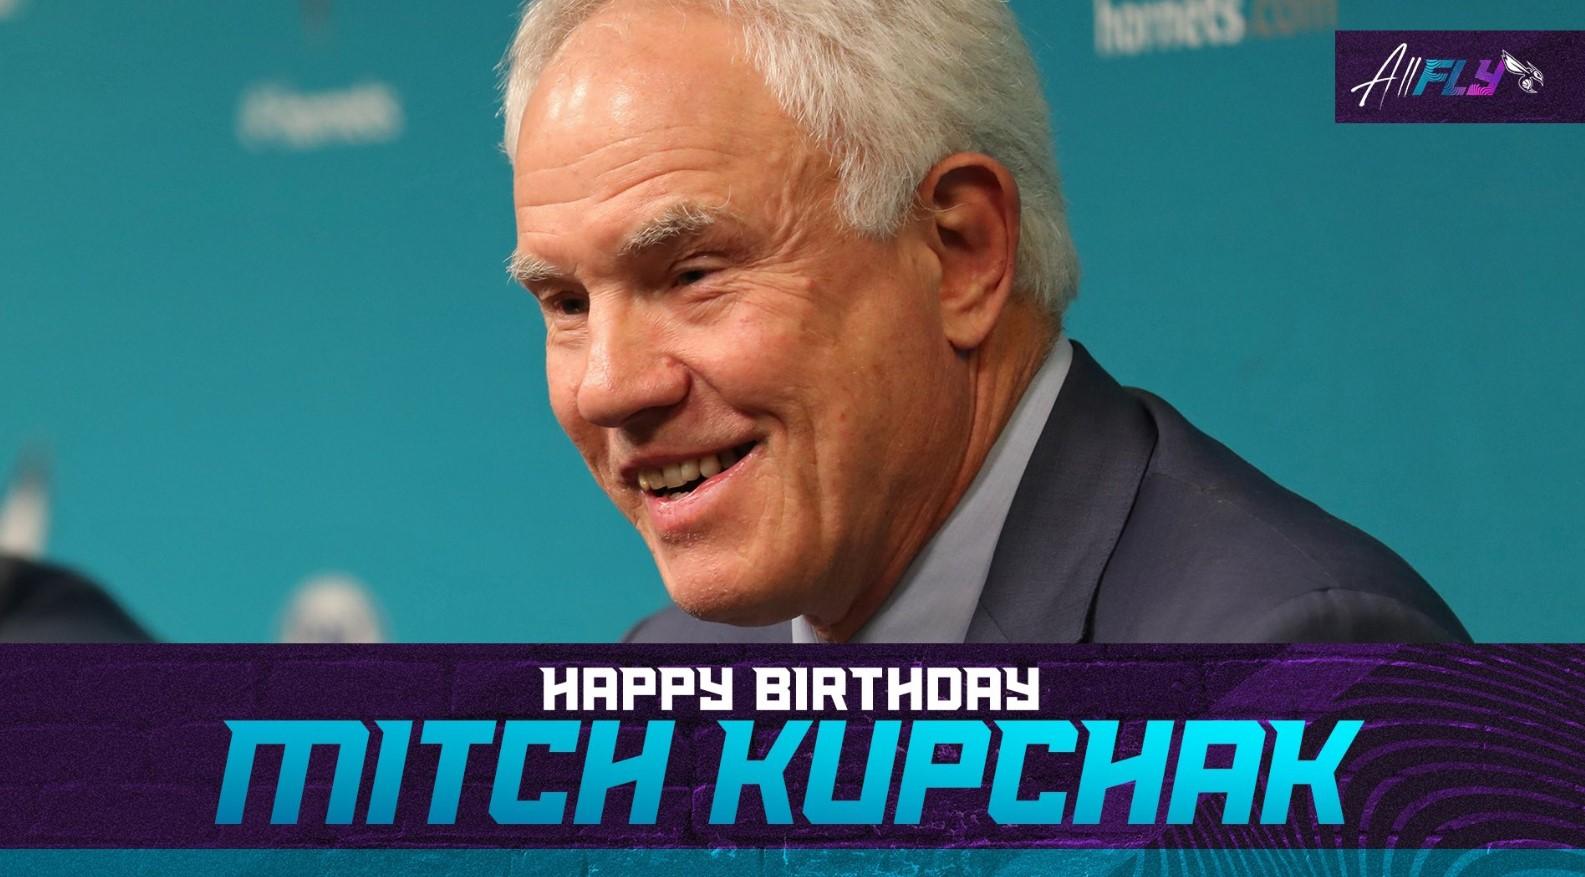 黄蜂官推:和我们一起祝球队总经理库普切克生日快乐!